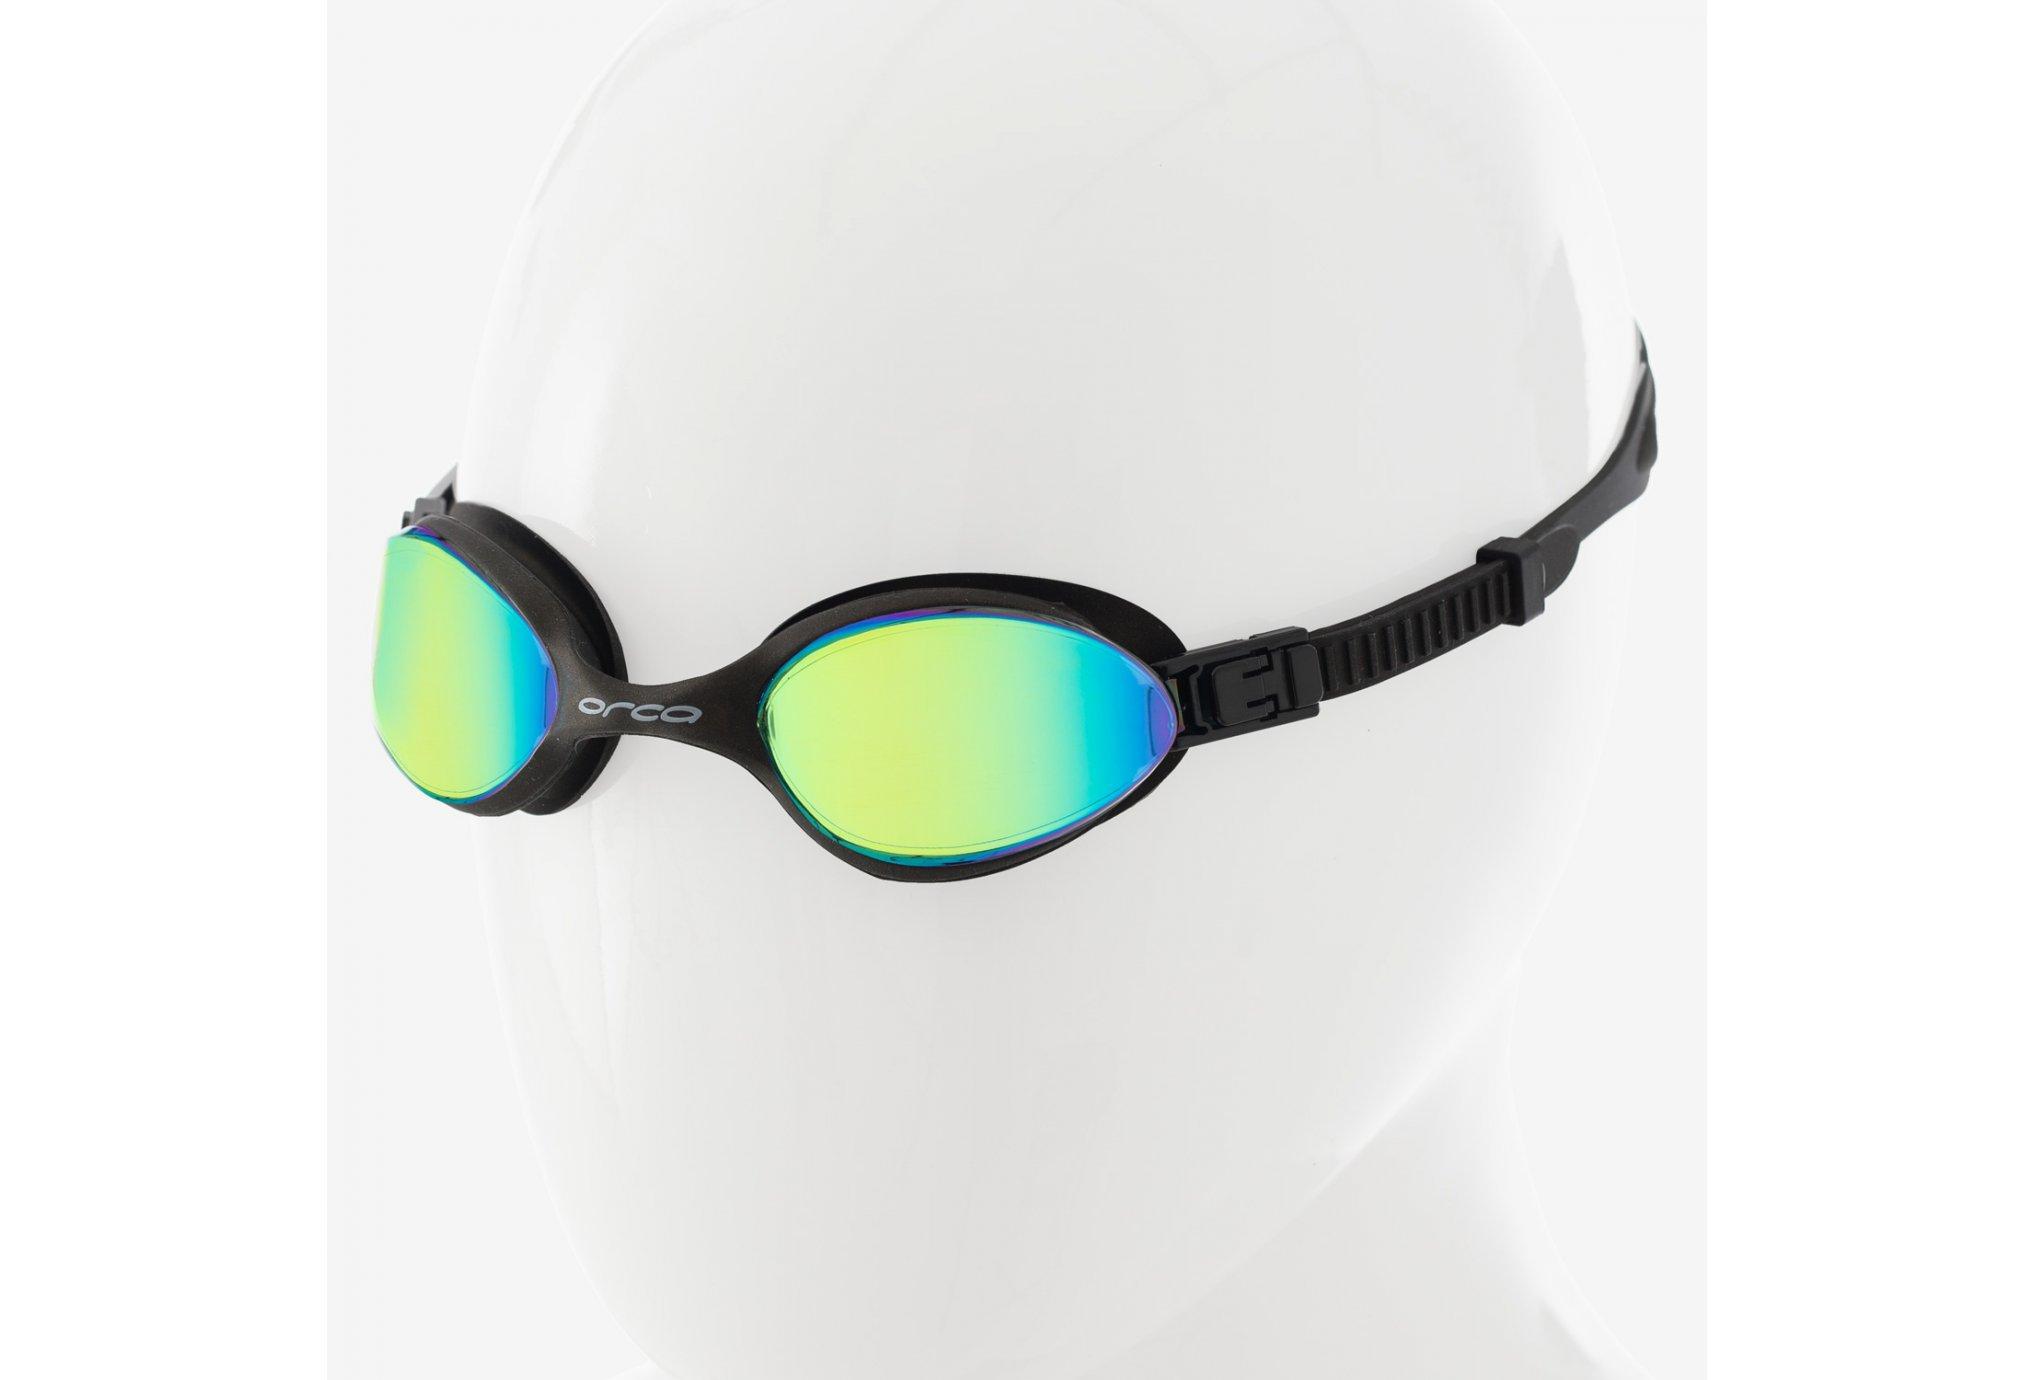 Orca Killa 180° Triathlon-Natation